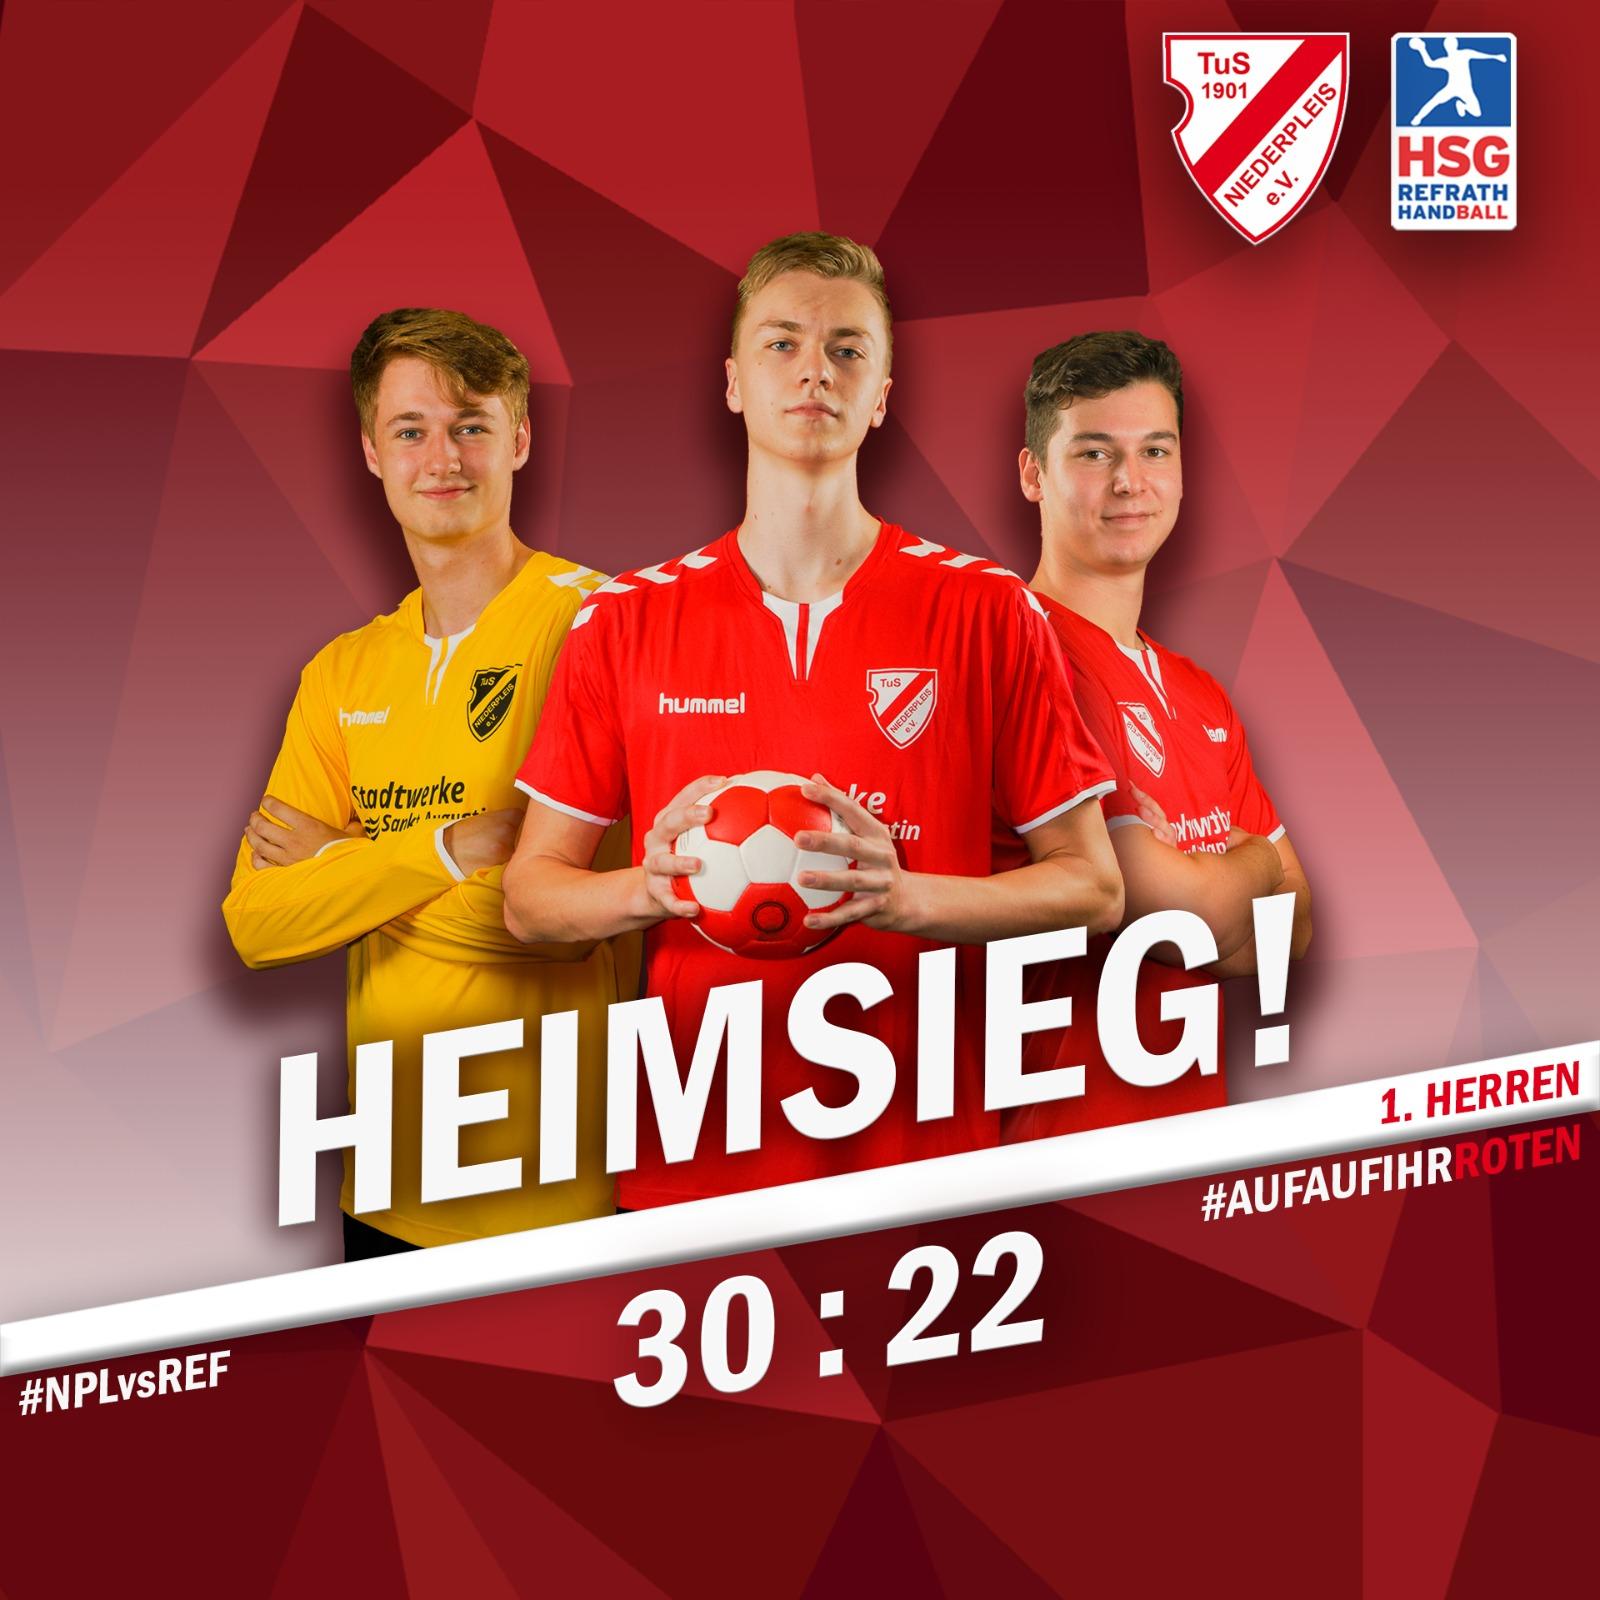 Erfolgreicher Saisonauftakt für unsere Landesliga-Herren!